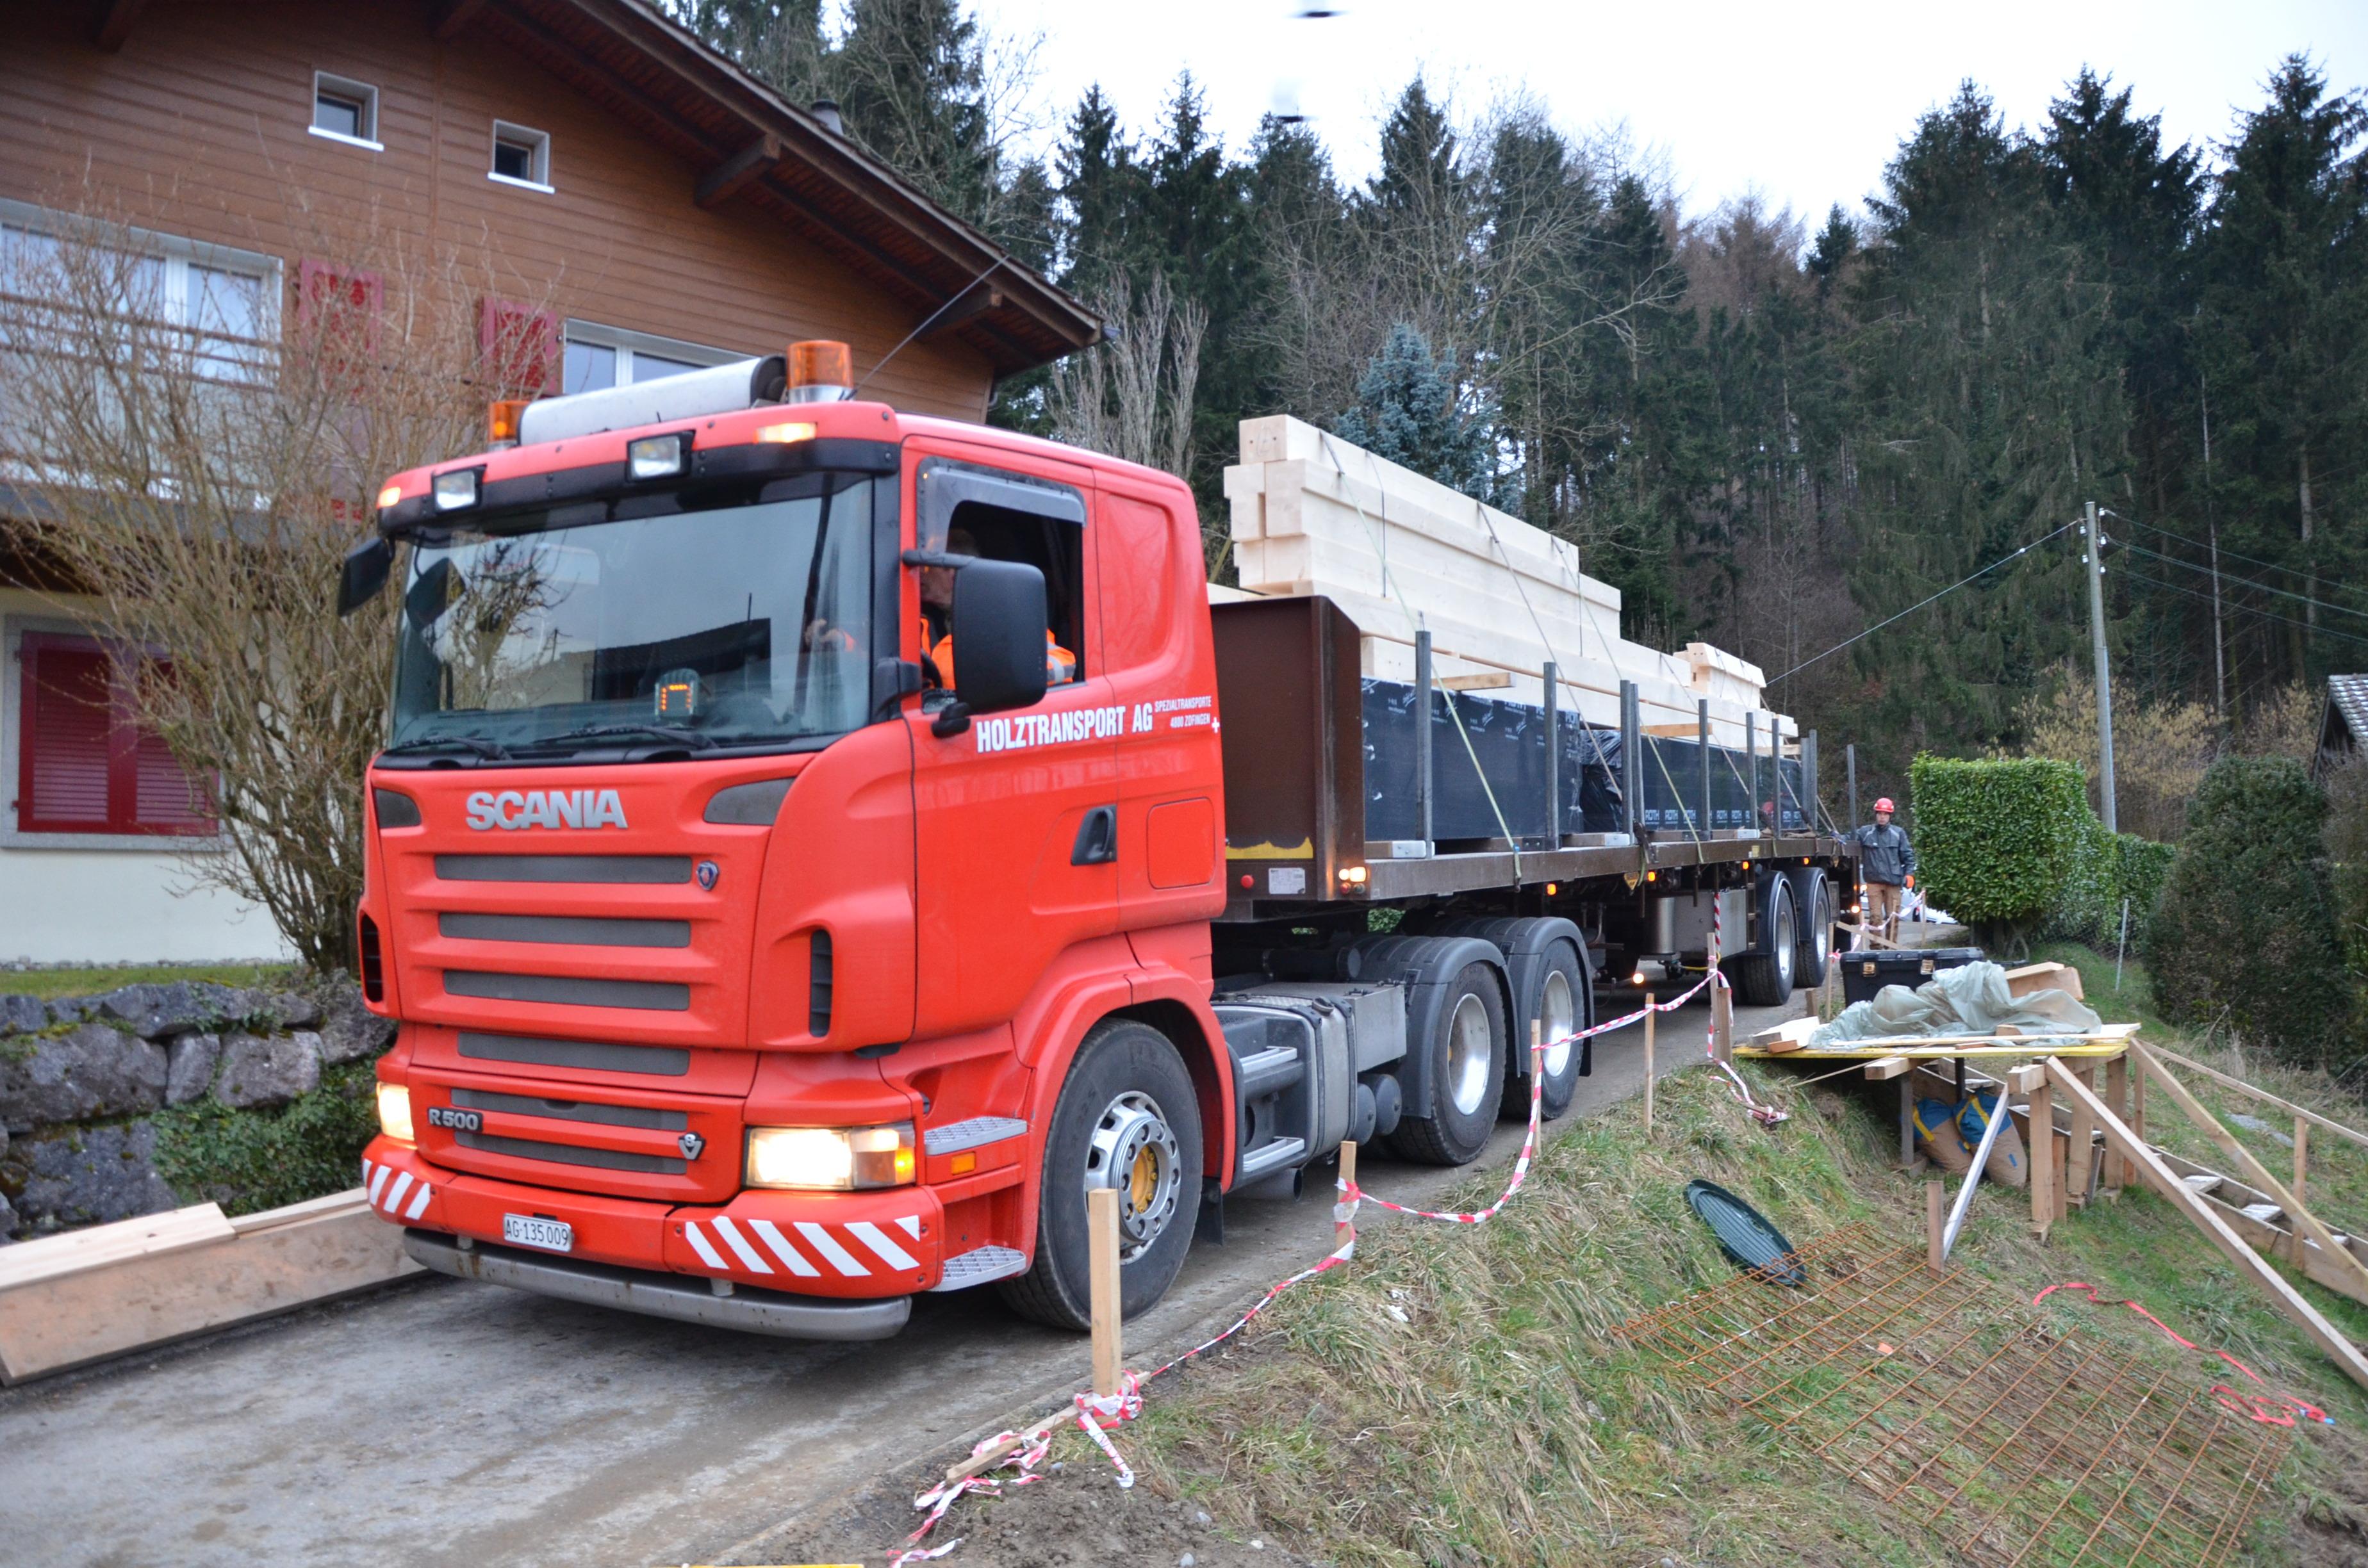 16.02.16 Ce camion livre tous les poteaux et la panne faîtière du 1er étage.